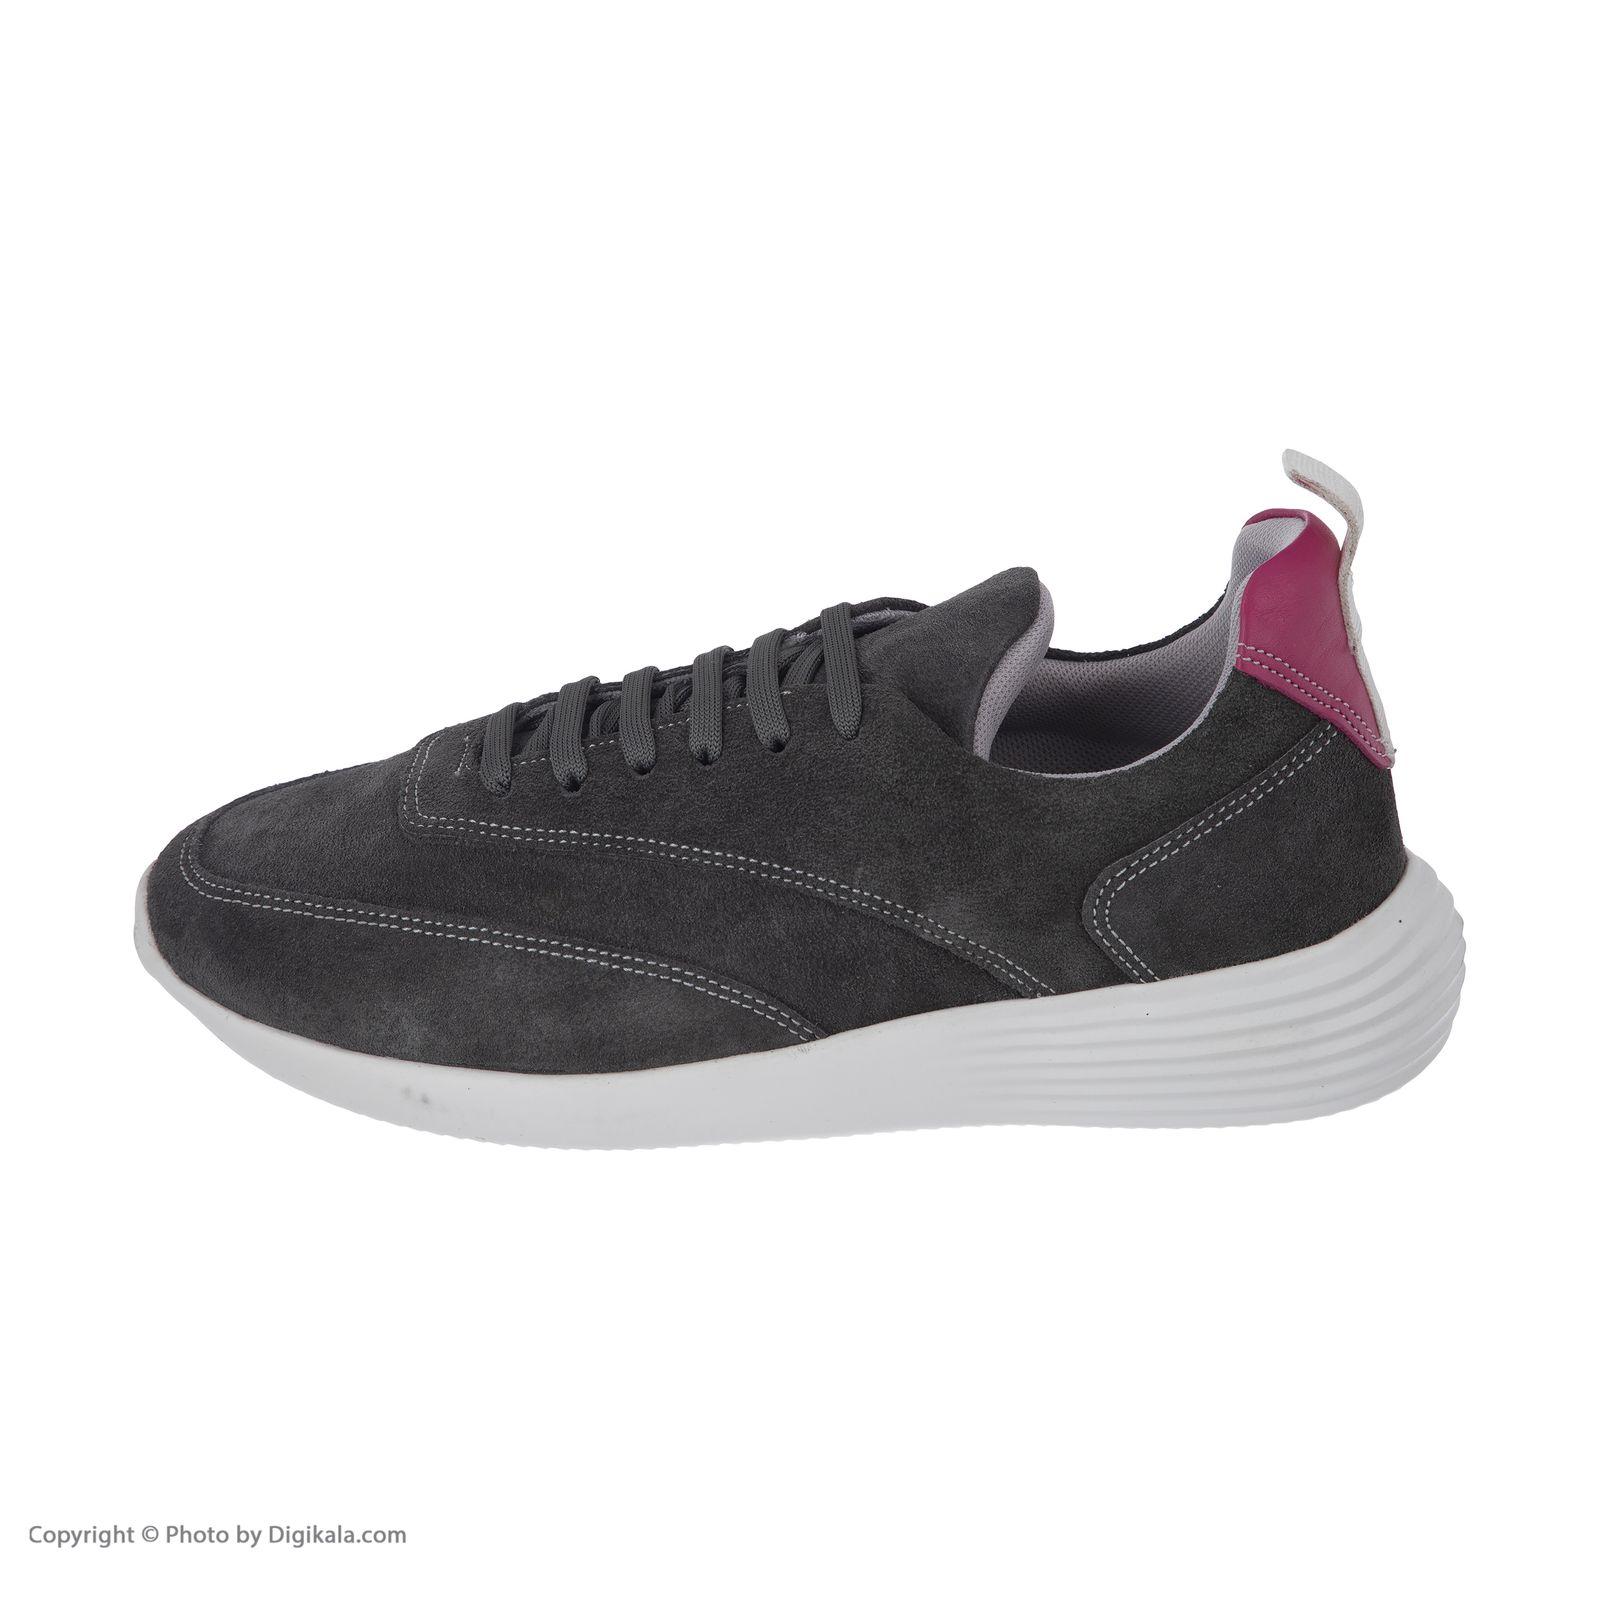 کفش روزمره زنانه آرتمن مدل Veda-41448 -  - 3